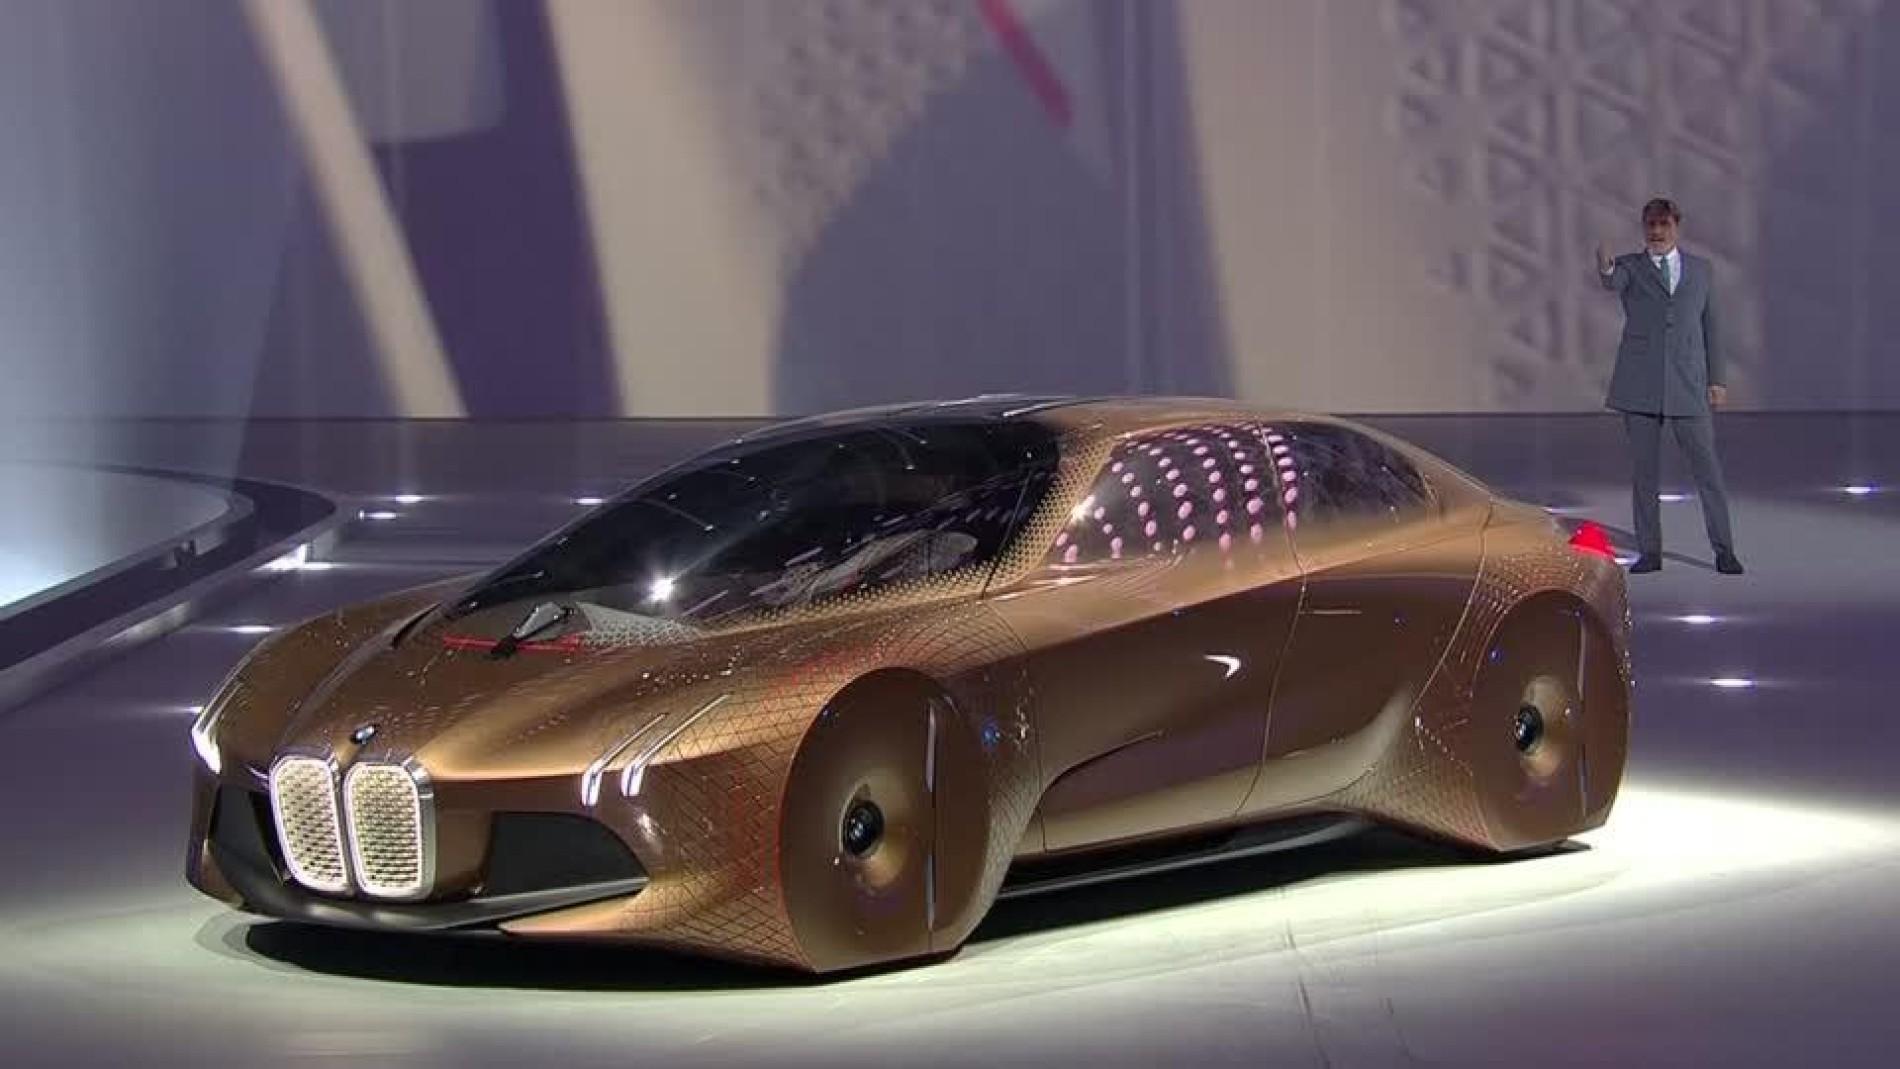 BMW-Jubiläum: Das Auto als rollender Computer - Unternehmen - FAZ